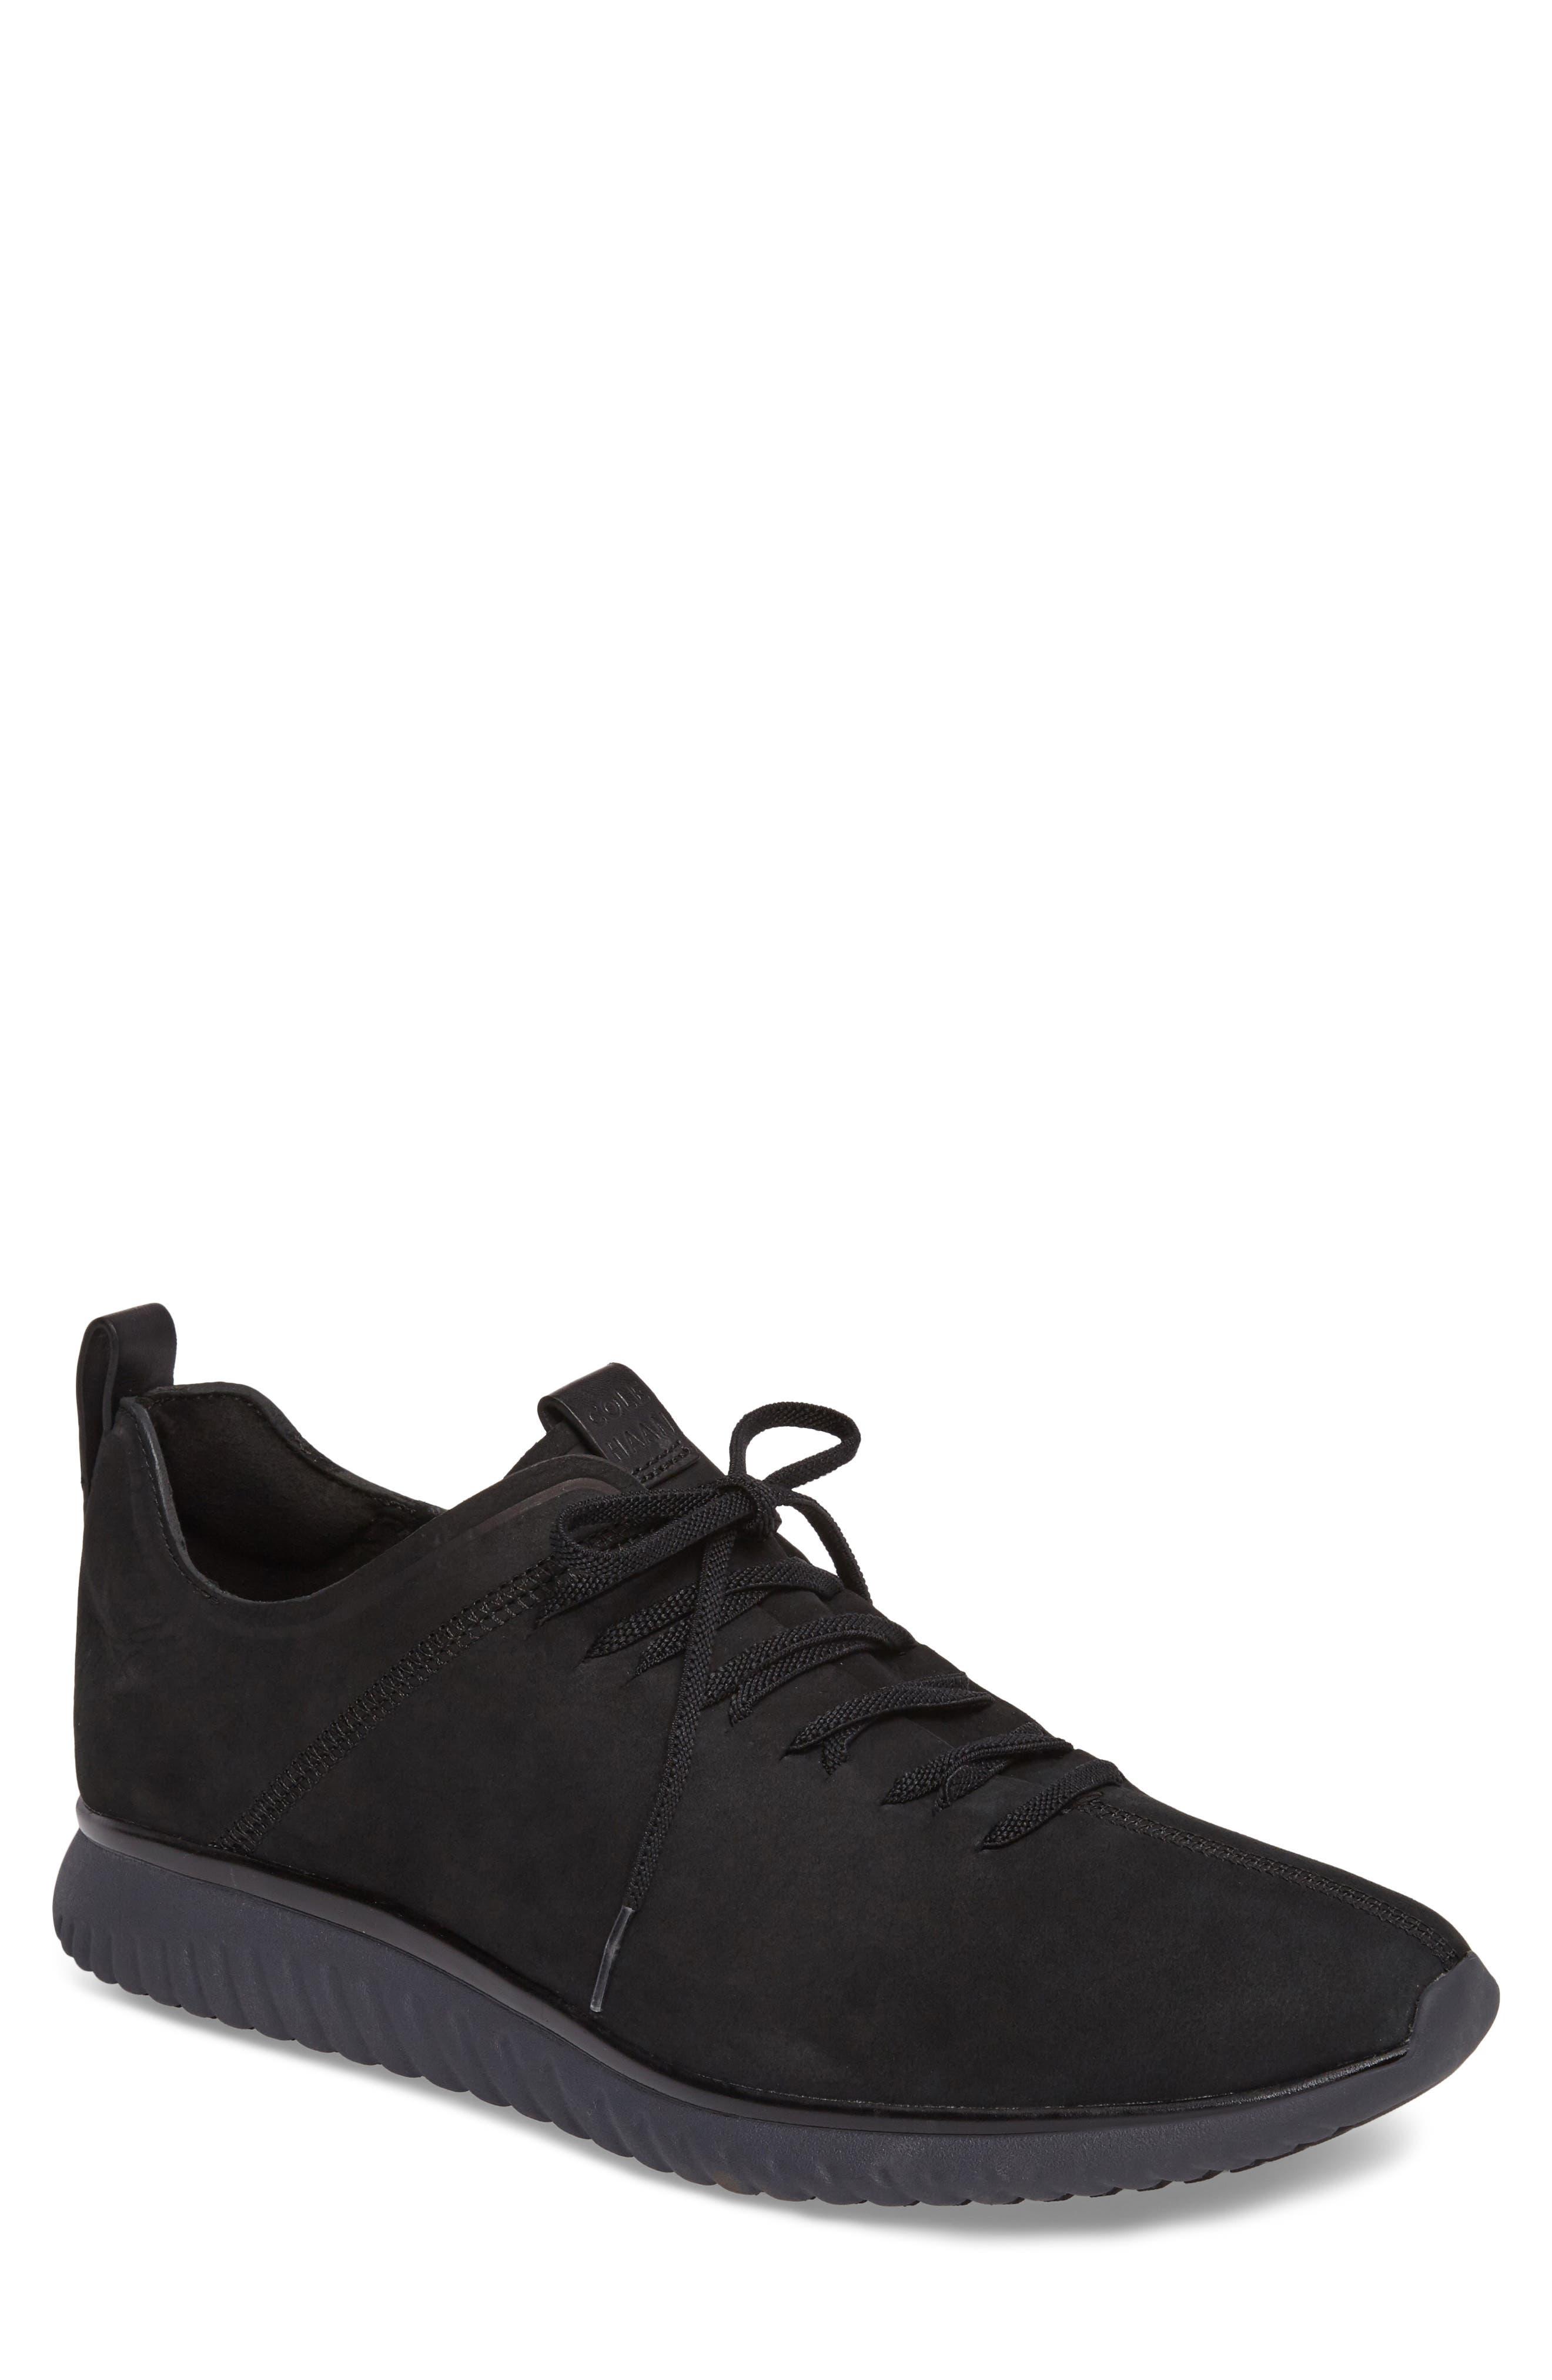 2.ZeroGrand Sneaker,                         Main,                         color, 001